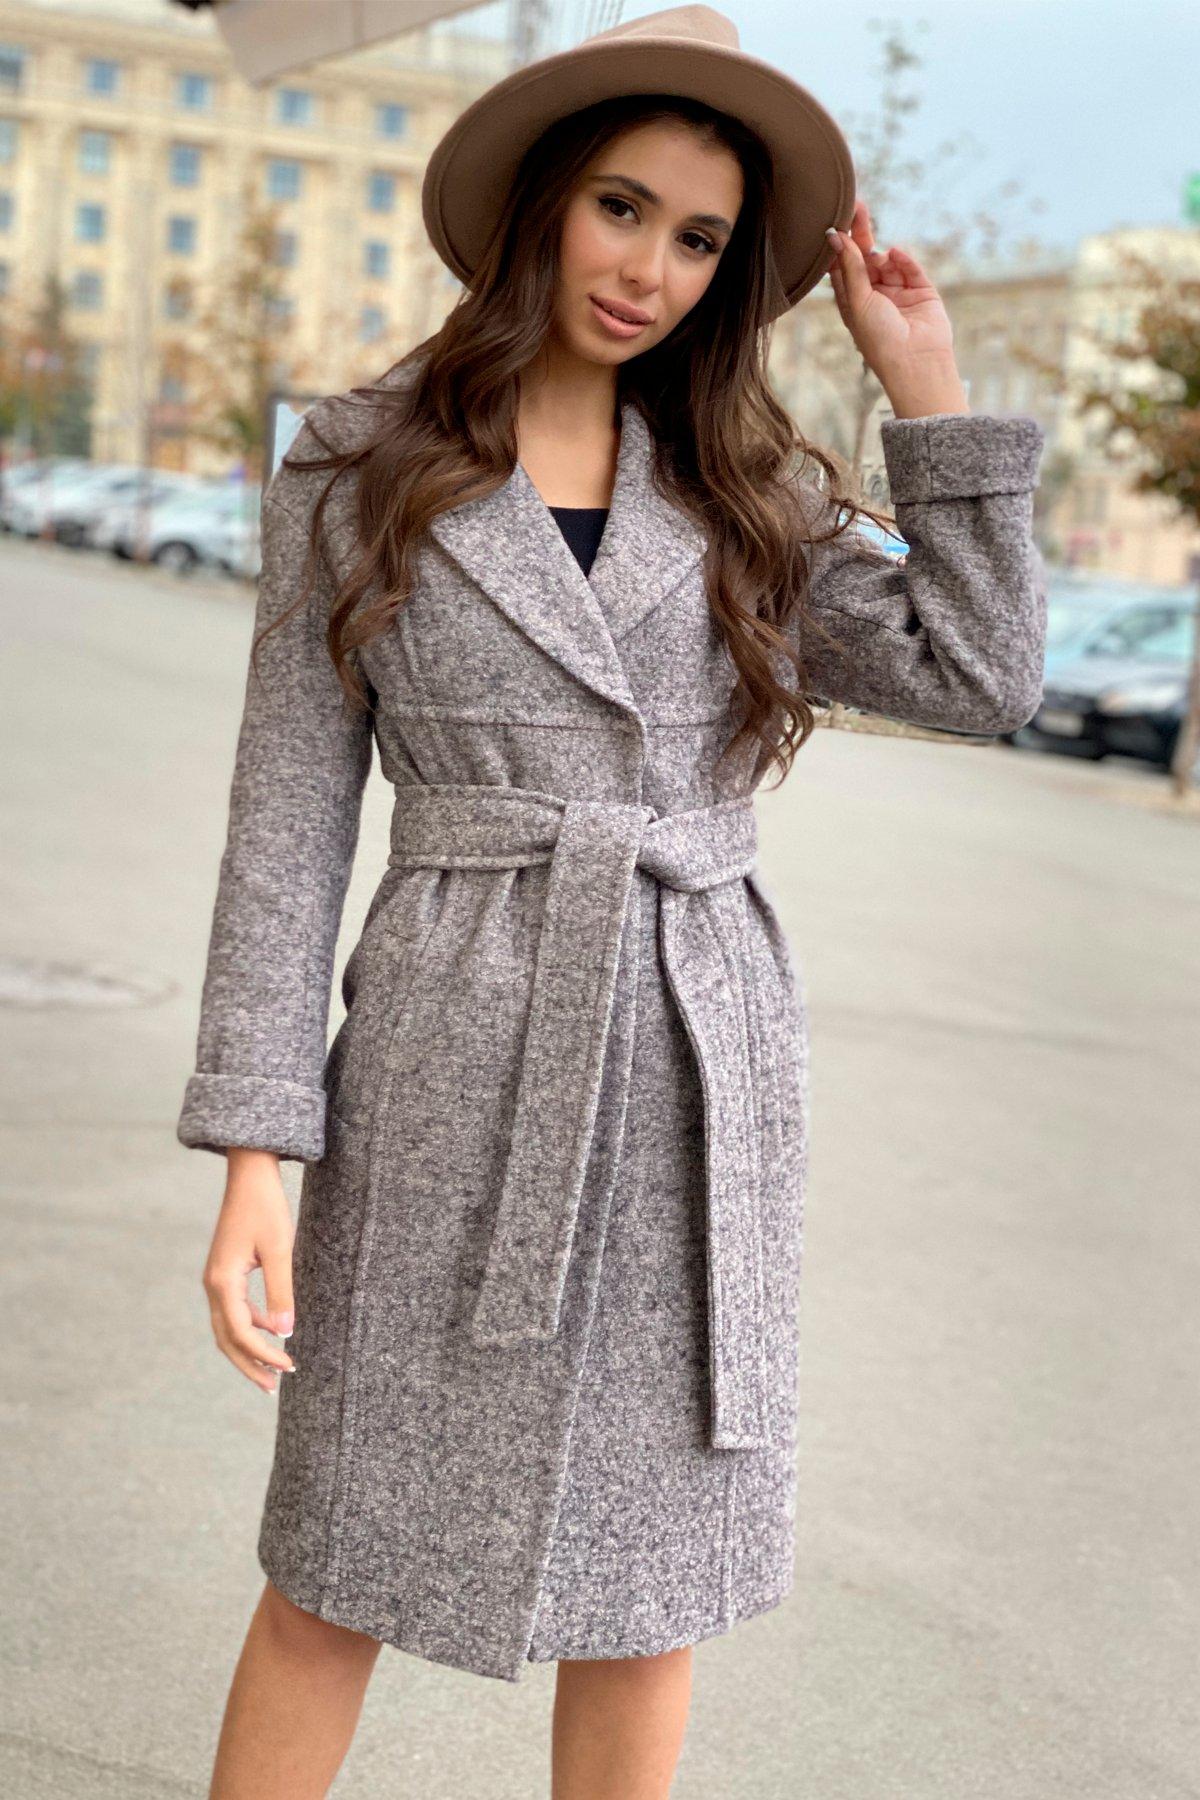 Пальто весна-осень c приспущенной линией плеча Фентези лайт 6365 АРТ. 41230 Цвет: Серо-розовый LW-25 - фото 11, интернет магазин tm-modus.ru